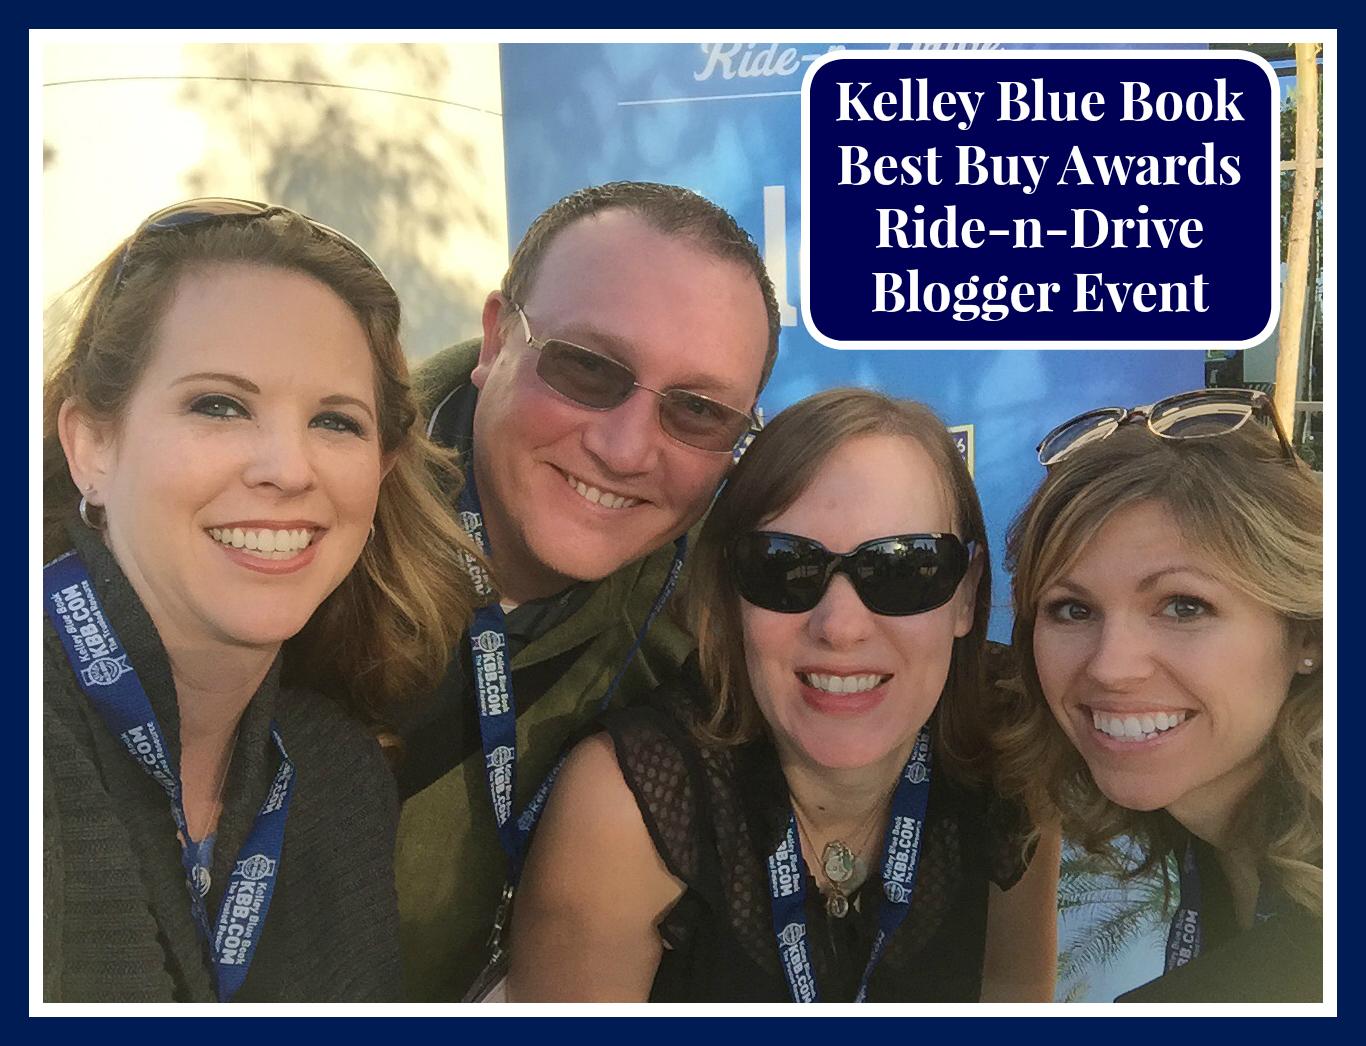 #KBBBestBuy #ConnectKBB #Blogger #Travel #ad